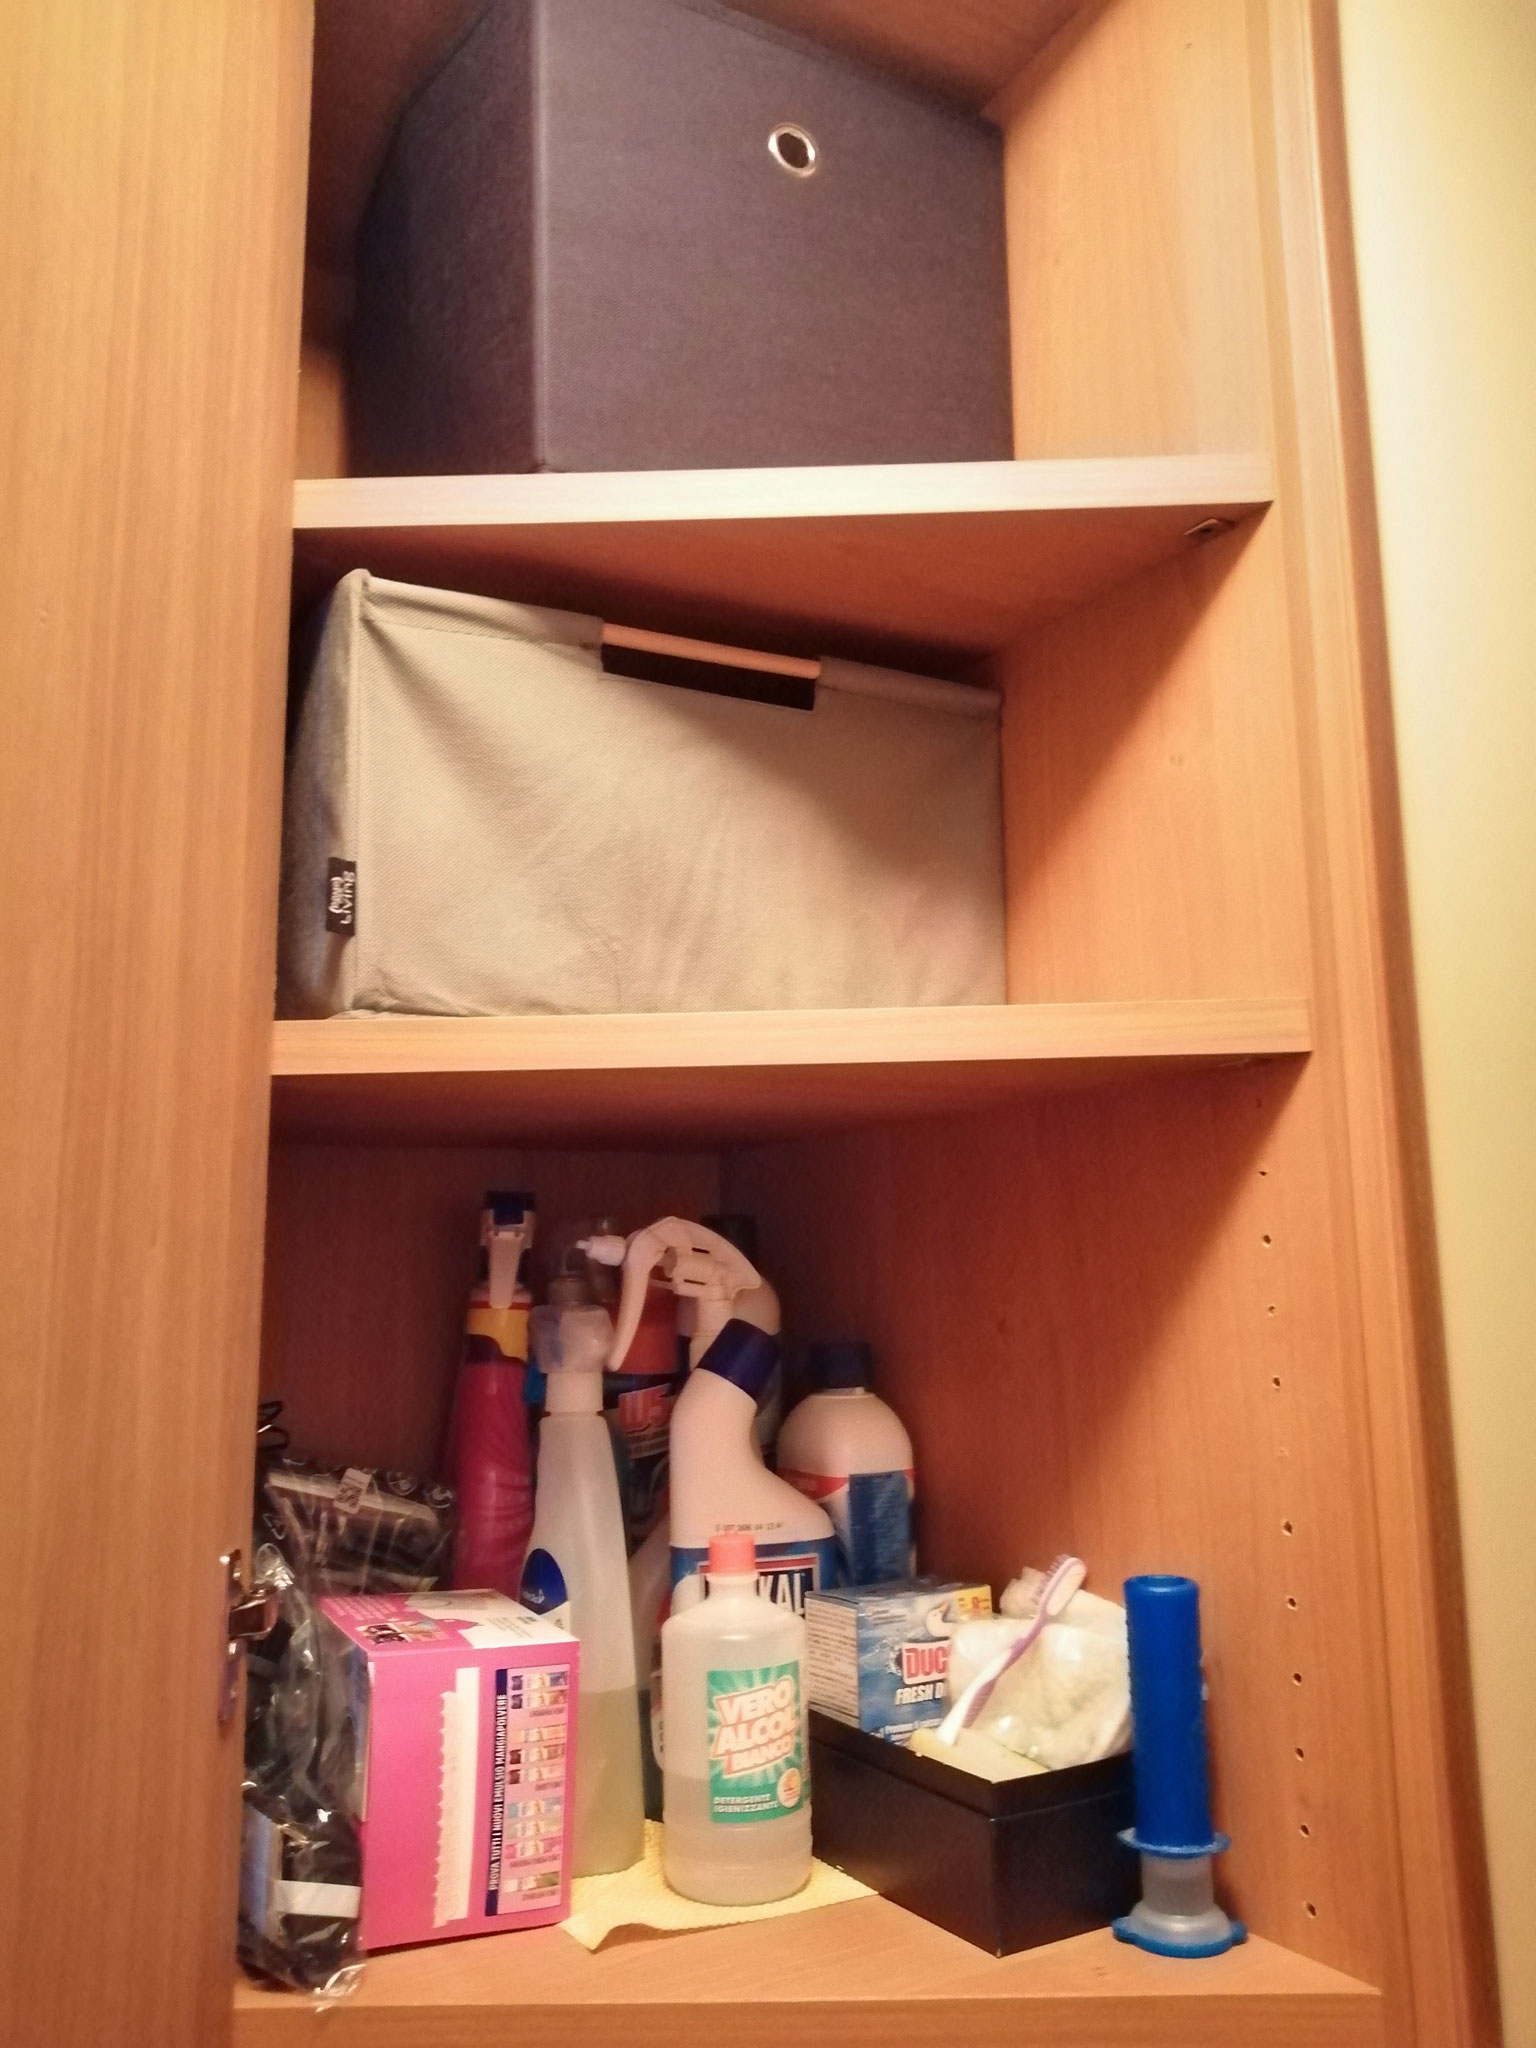 Mensola igienizzanti e contenitori asciugamani